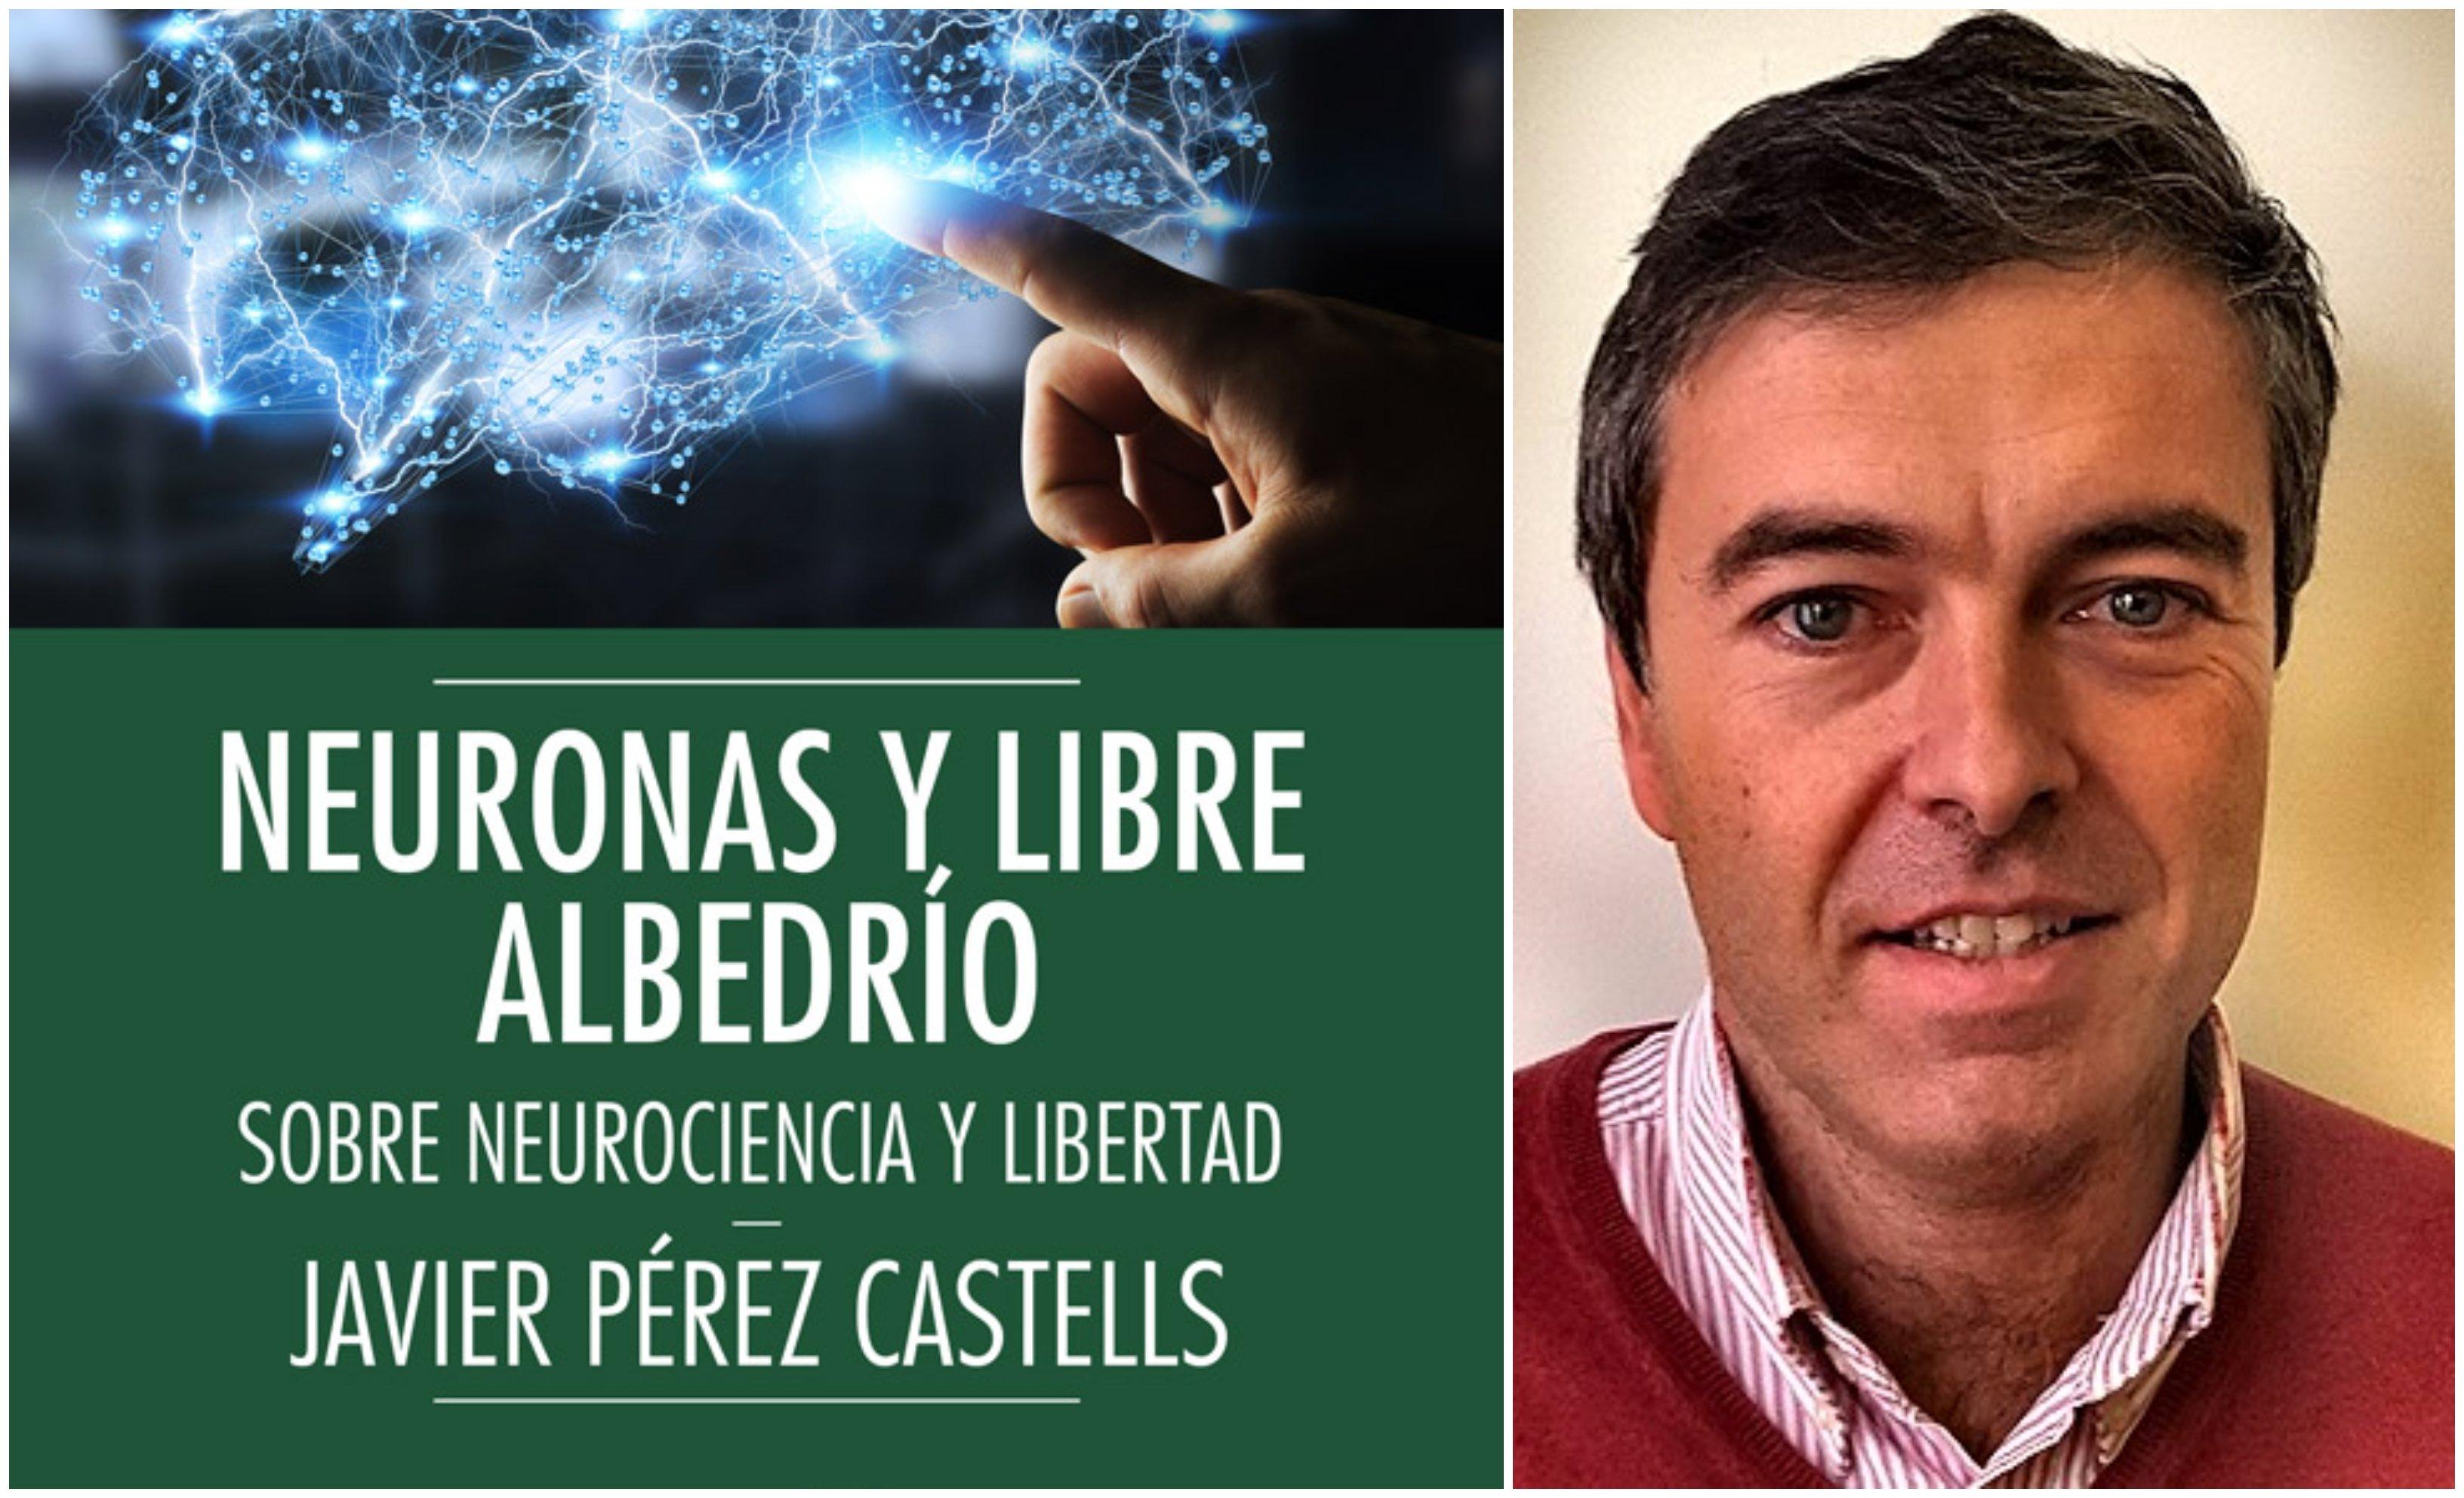 Javier Pérez Castells, autor de 'Neuronas y libre albedrío'